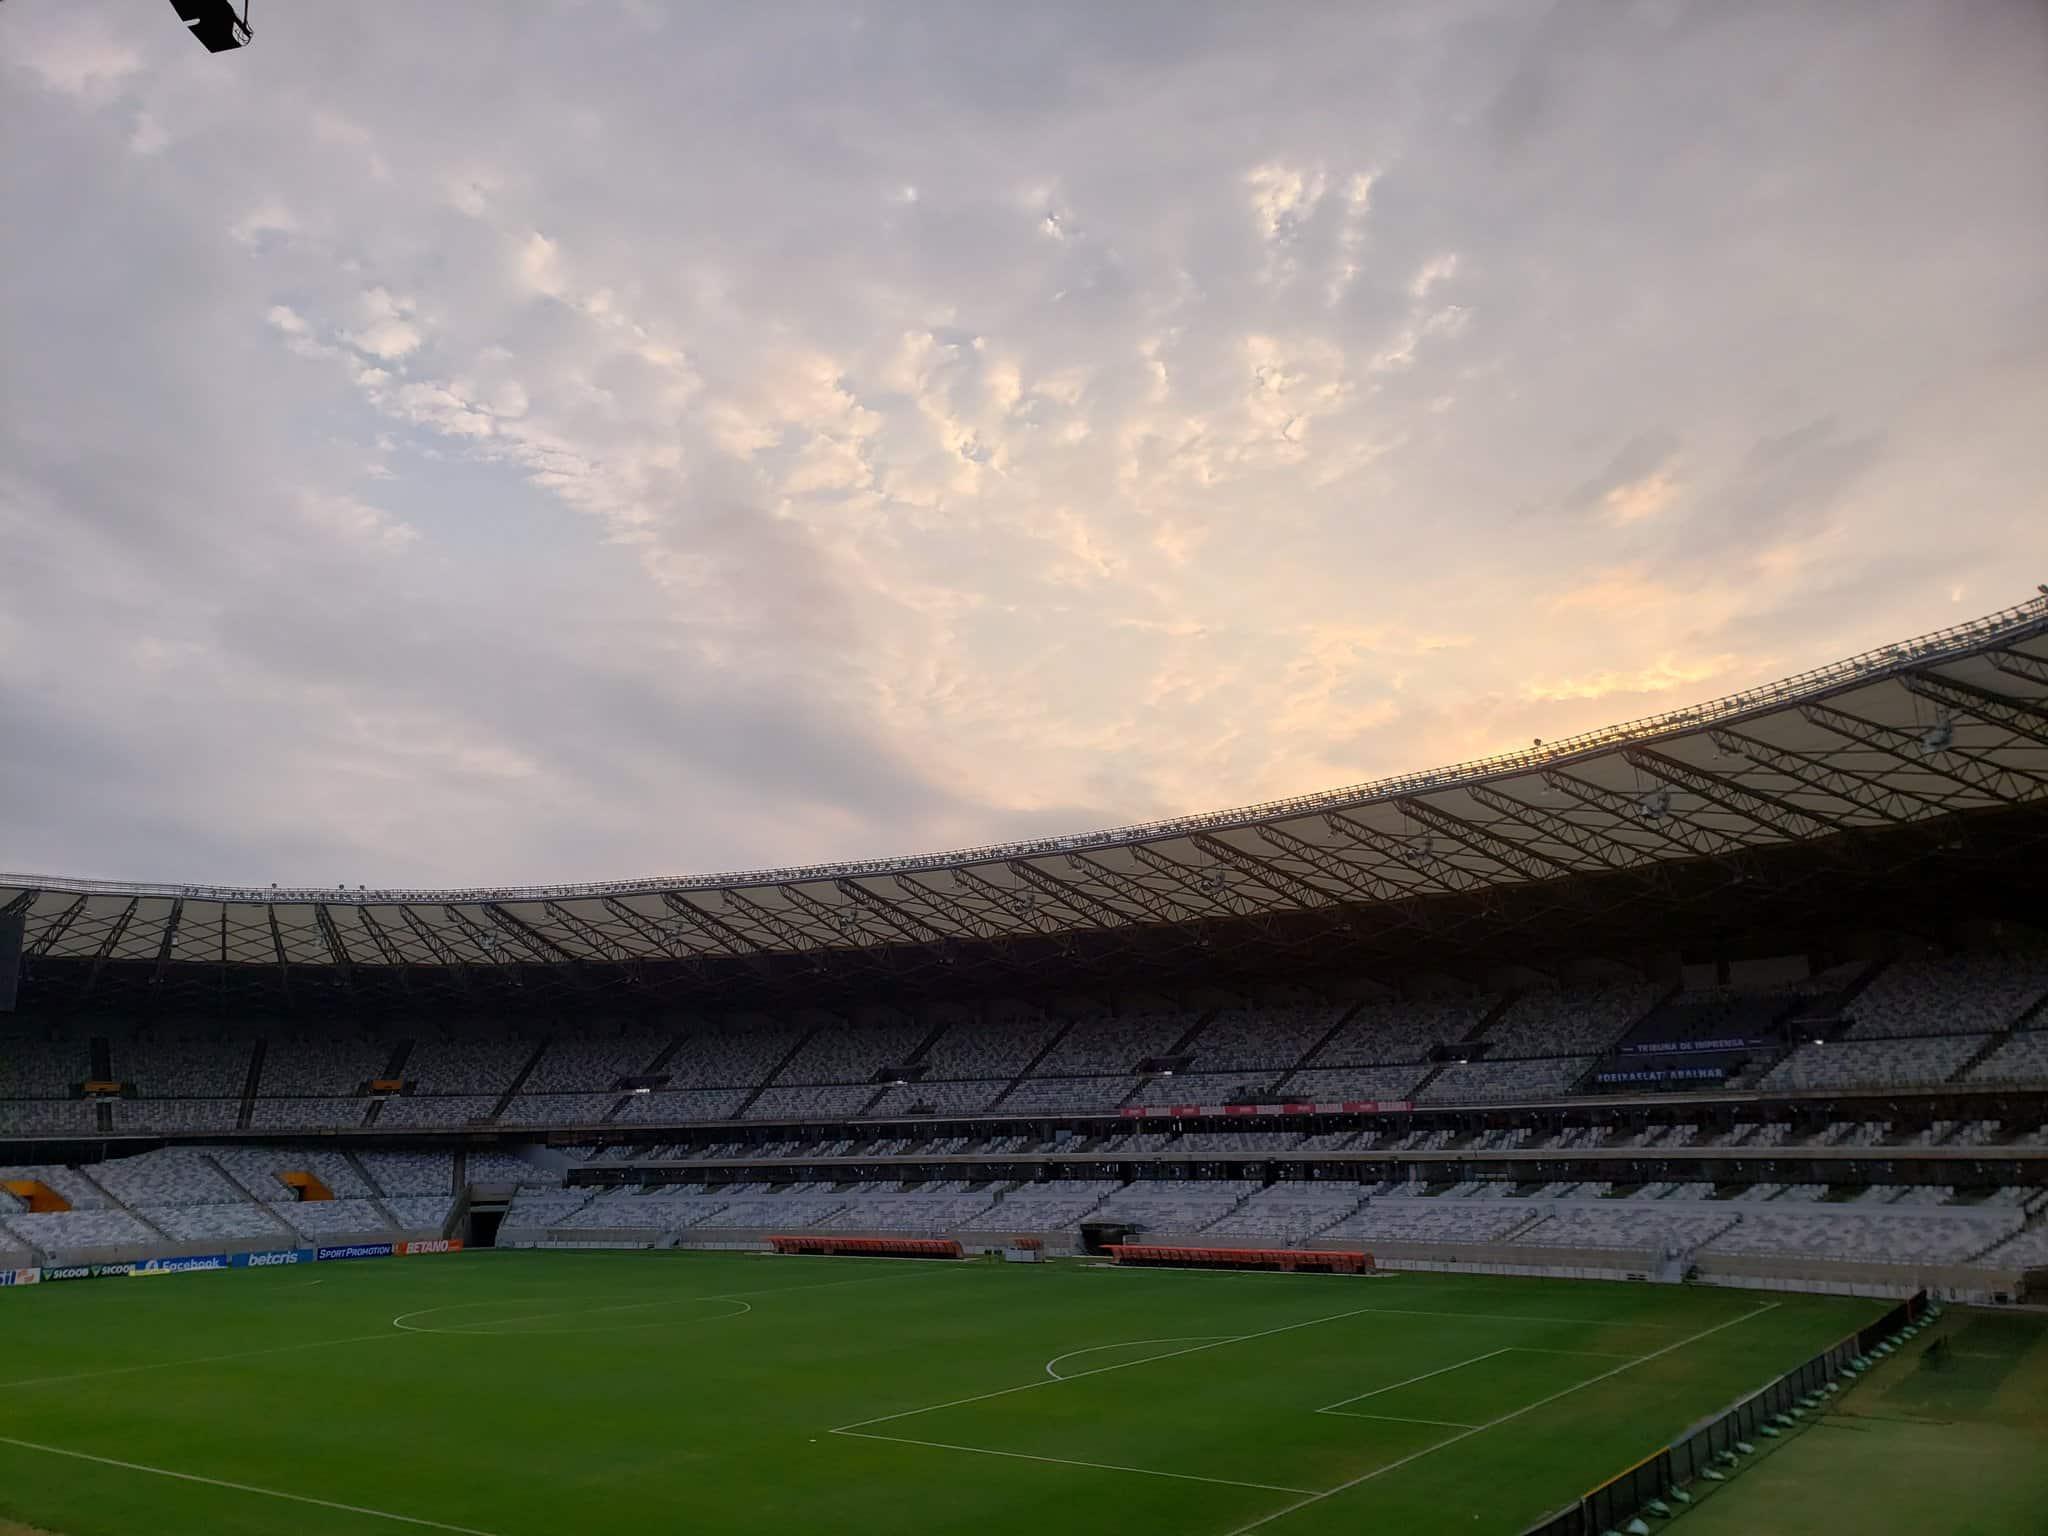 Com objetivos distintos, Atlético-MG e Santos se enfrentam na noite desta quarta-feira (13), às 19h, no Estádio Mineirão, em Belo Horizonte.